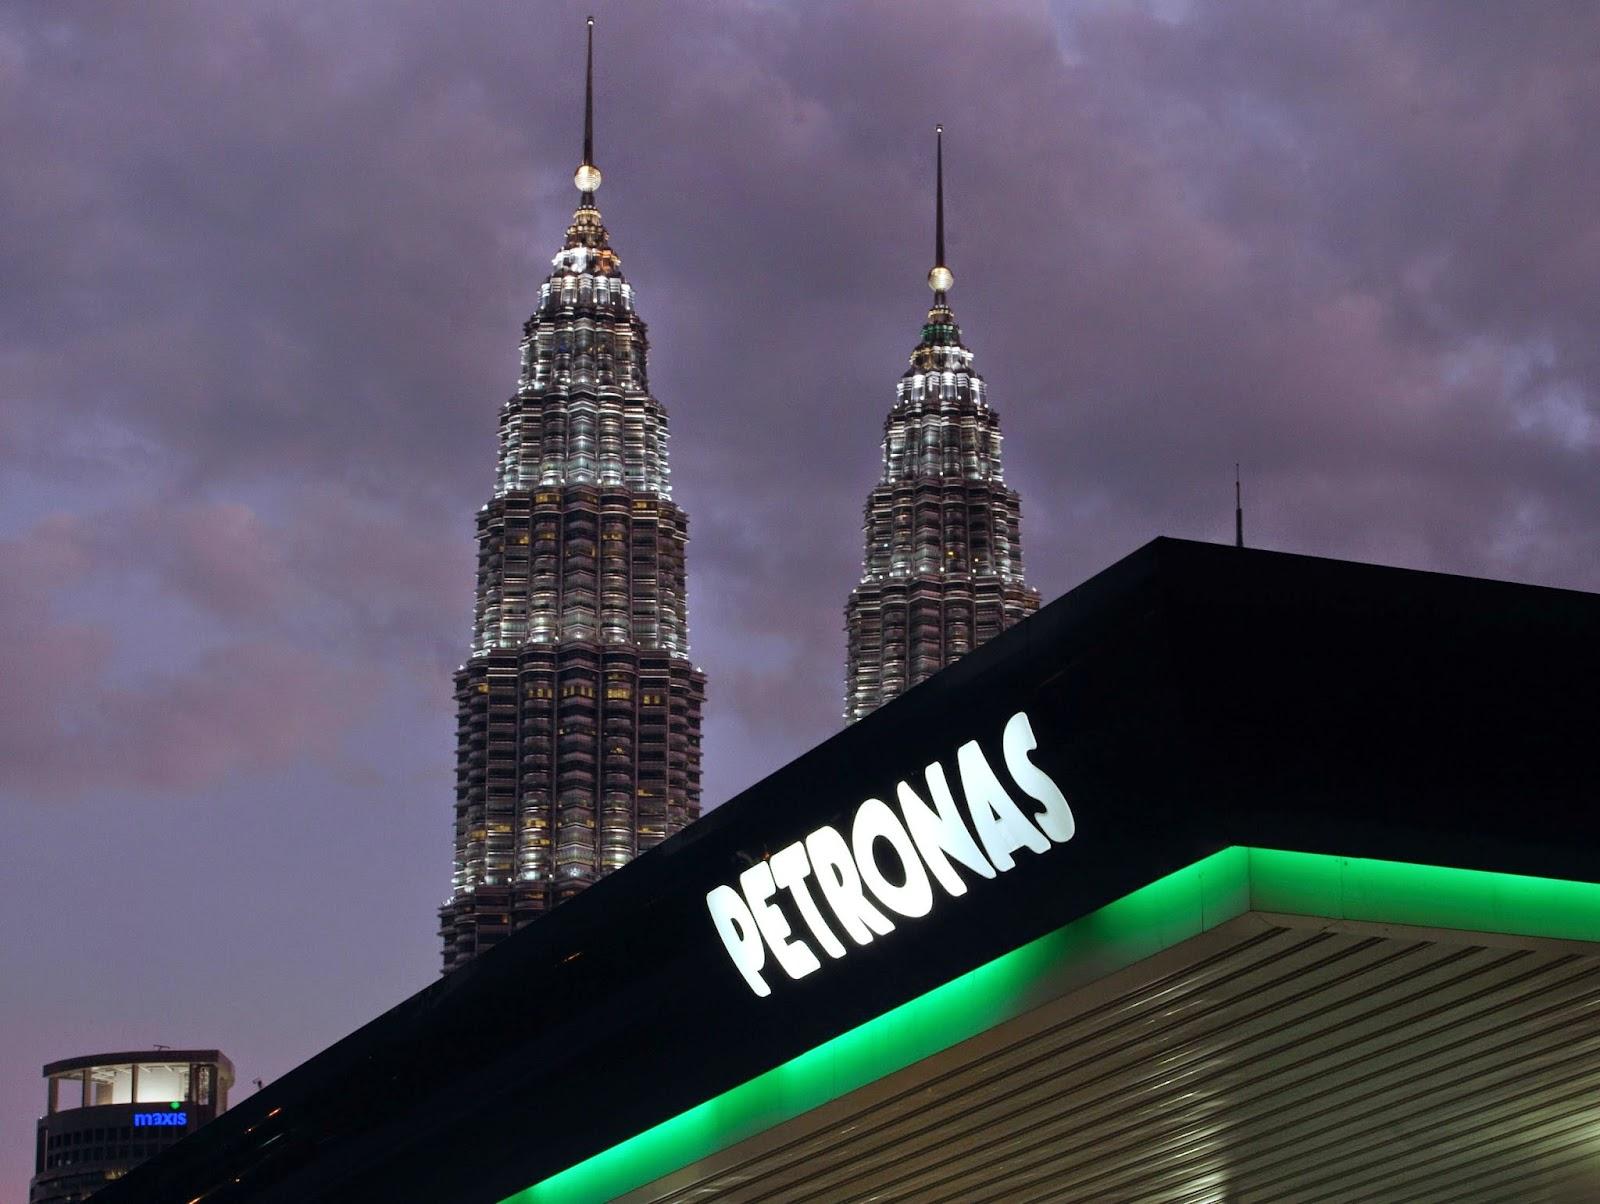 شعار شركة البترول الوطنية الماليزية بتروناس على إحدى محطاتها للوقود في كوالالمبور بماليزيا